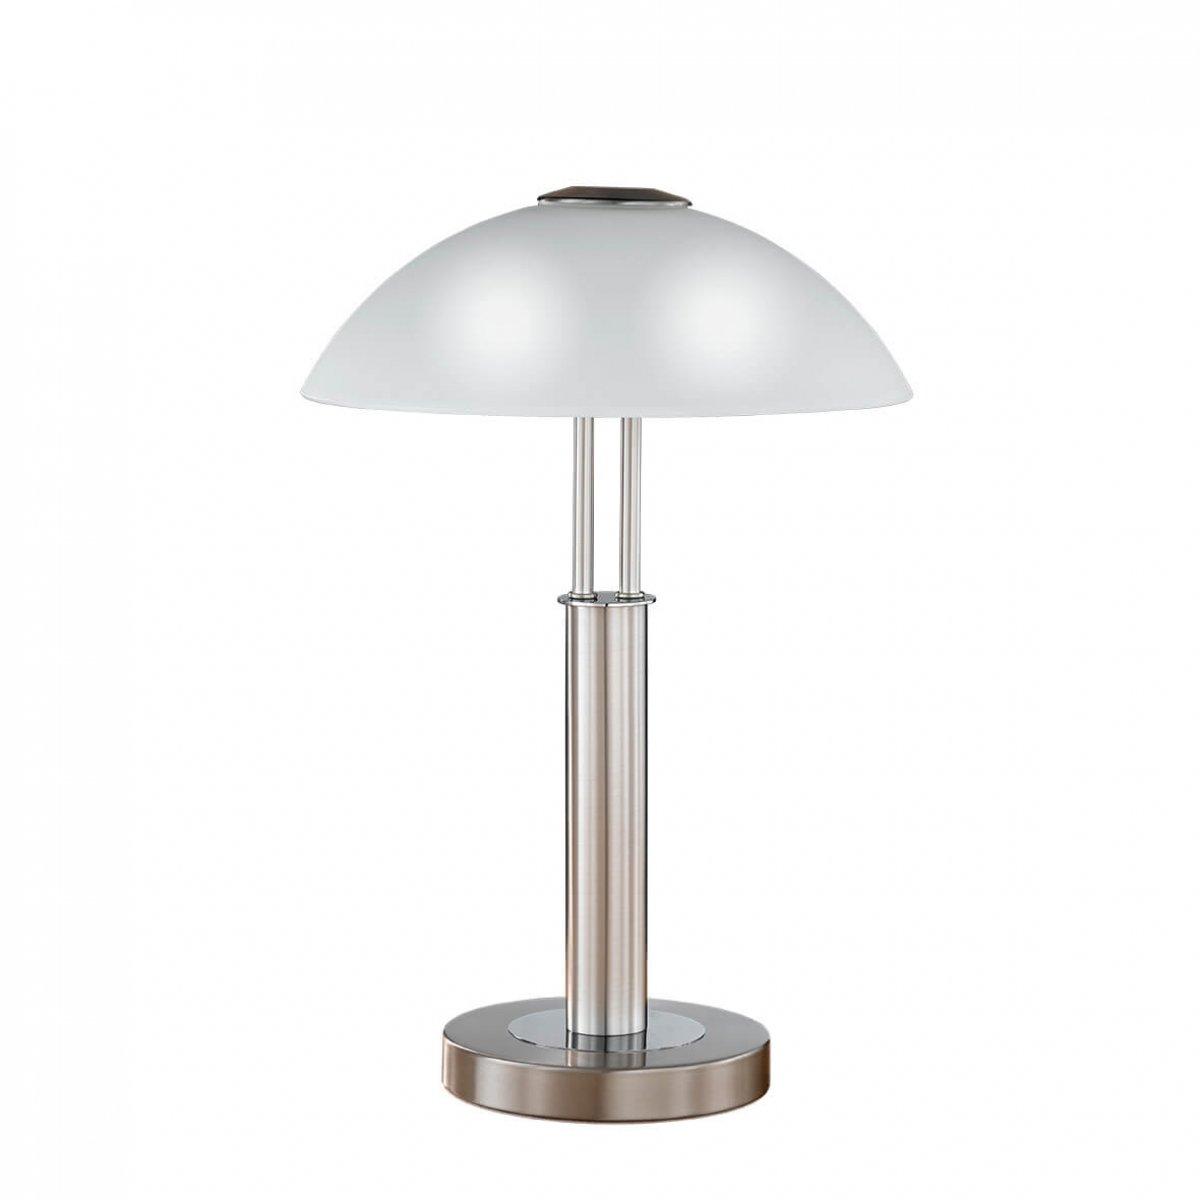 Touchdimmer Wofi-Leuchten Tischleuchte Chrom Höhe 42 cm